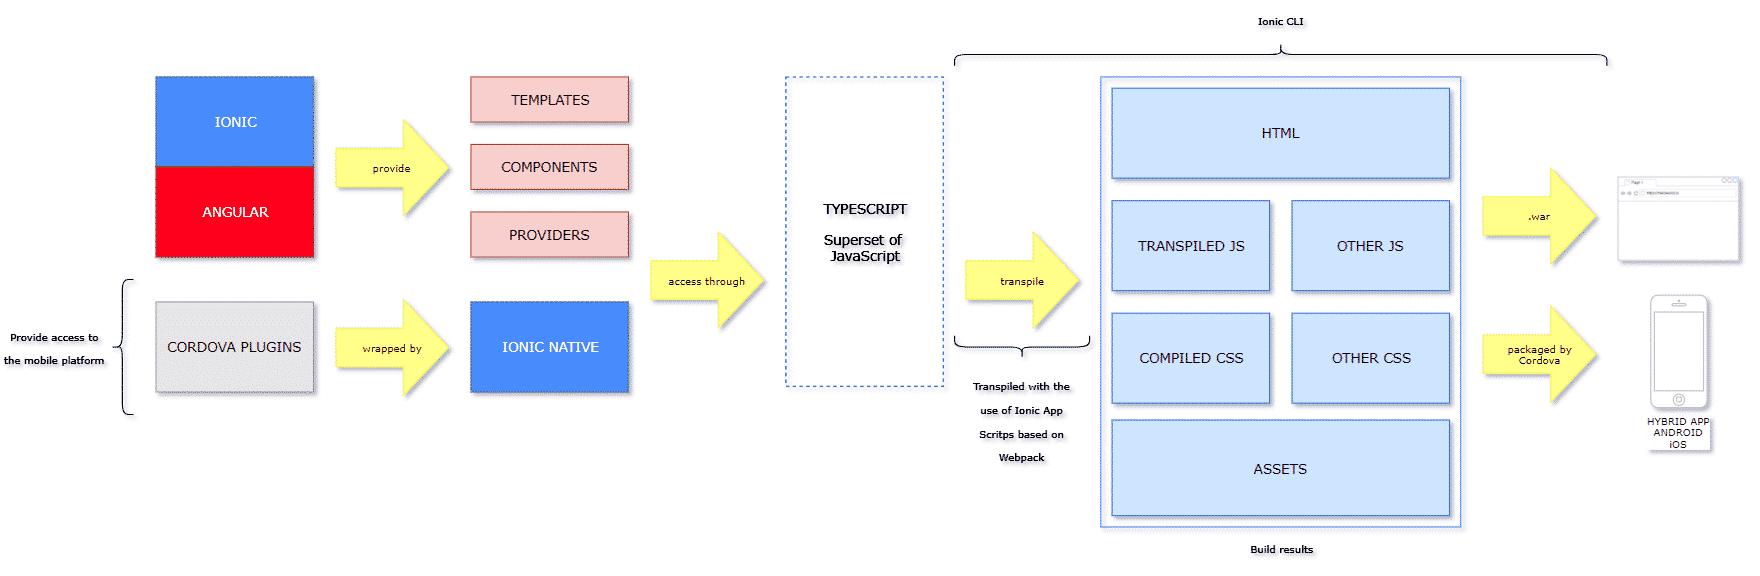 FRAMEWORK IONIC // Schéma explicatif de IONIC